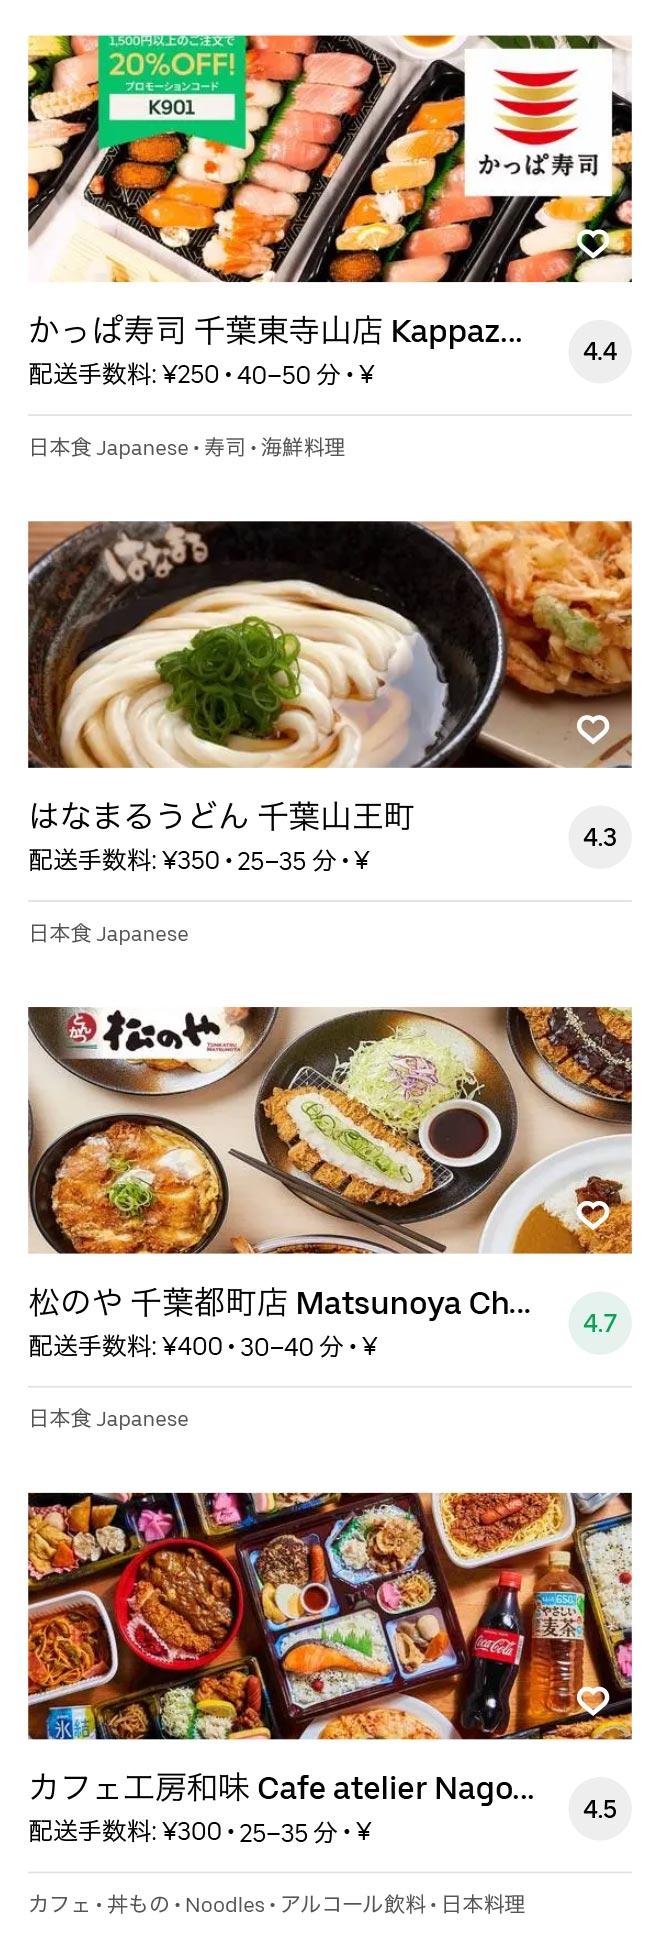 Tsuga menu 2010 05